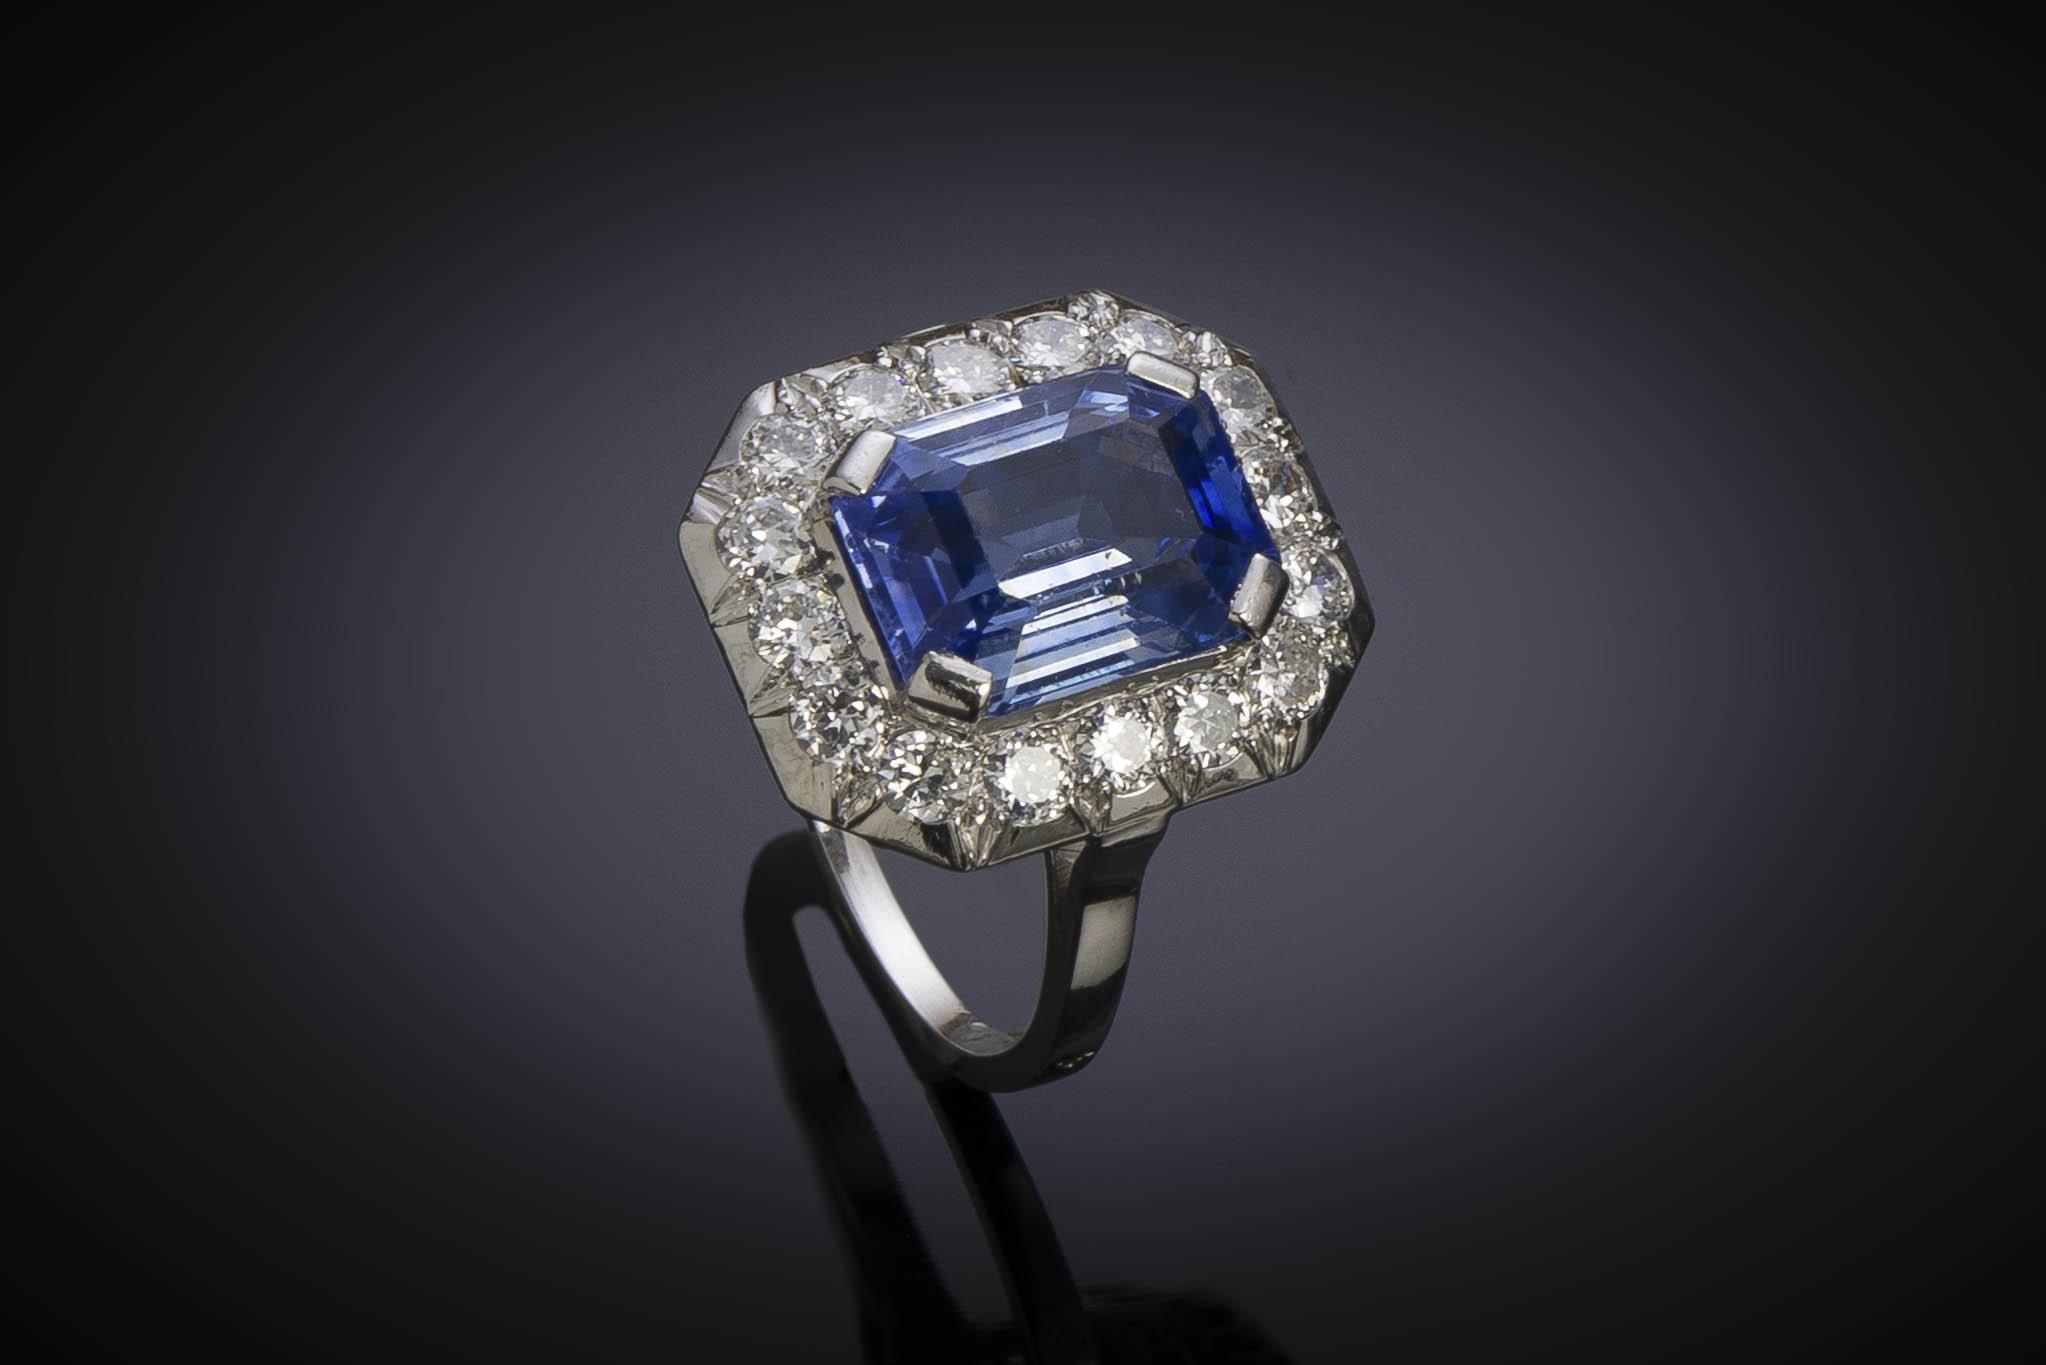 Bague Art Déco saphir naturel bleu intense (5,40 carats, certificat CGL) diamants-2